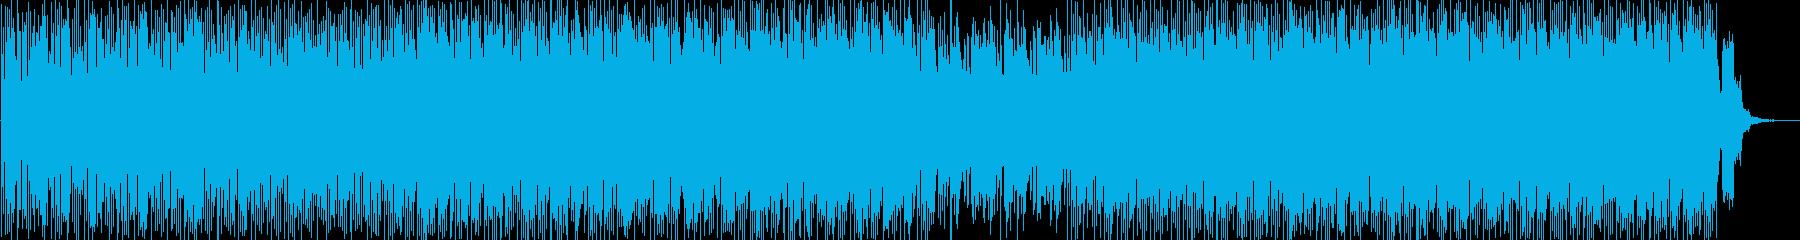 ドキュメンタリー科学番組などBGMの再生済みの波形